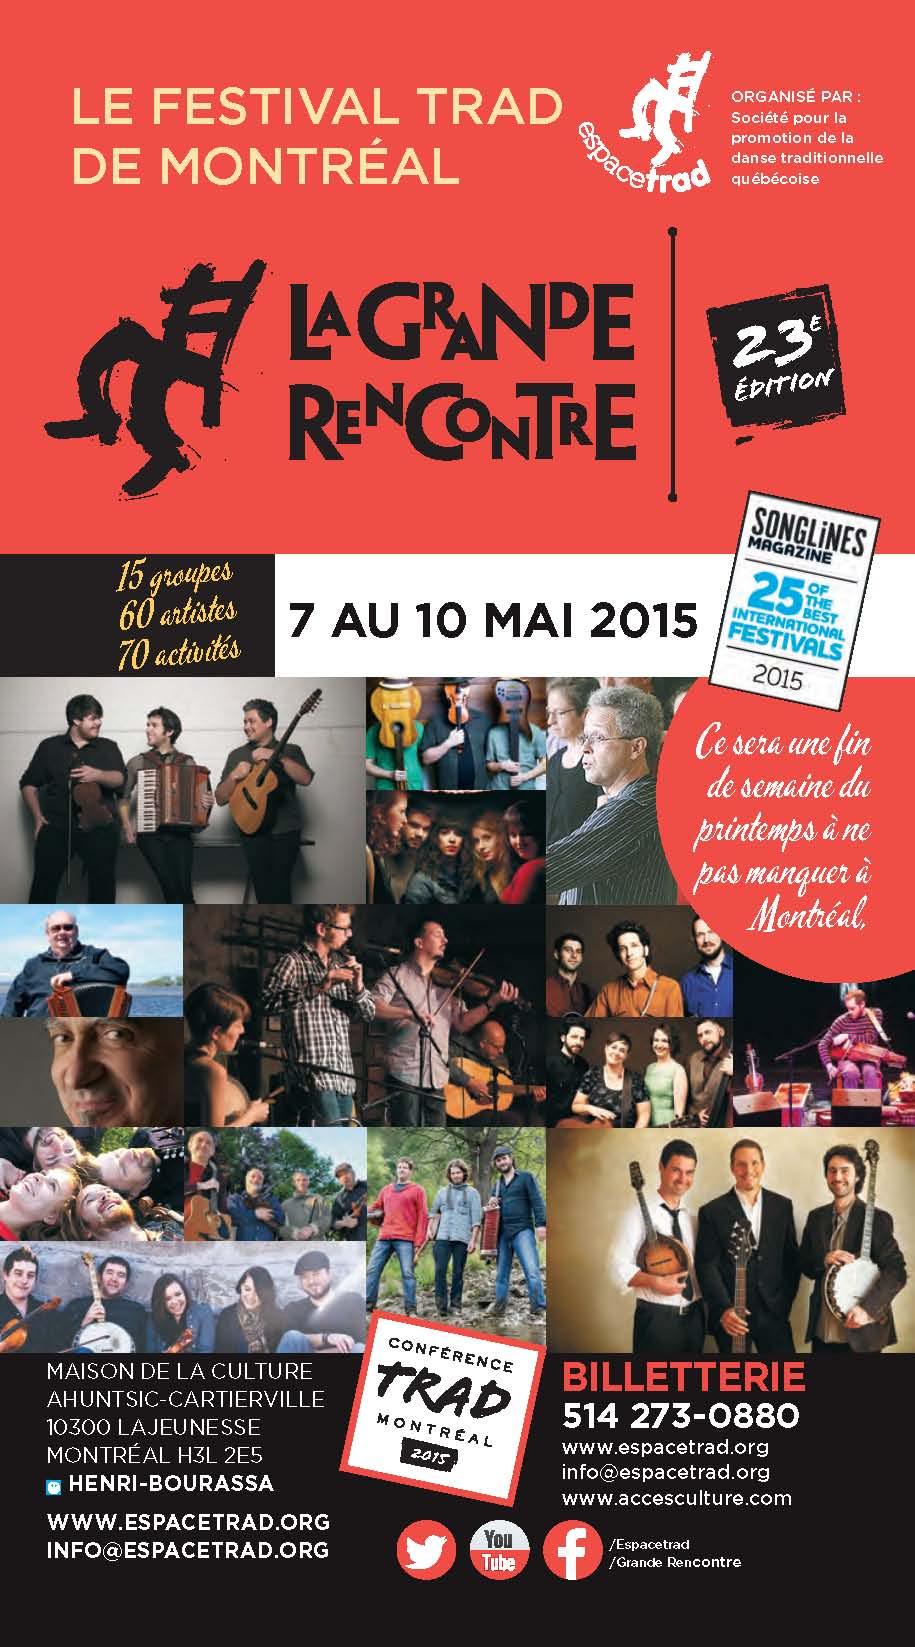 Festival La Grande Rencontre